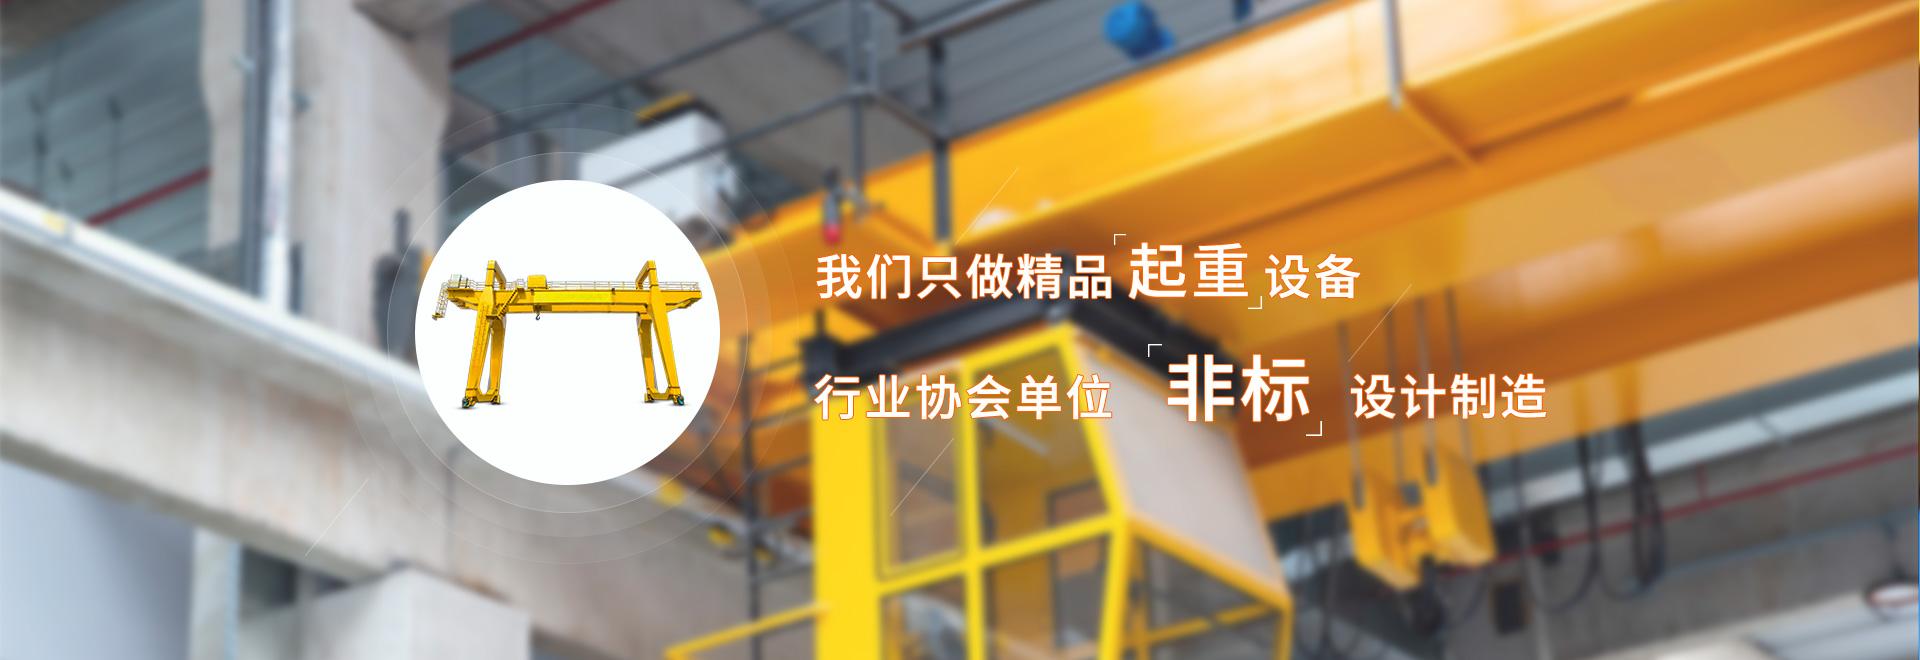 尊龙亚洲平台_尊龙官网